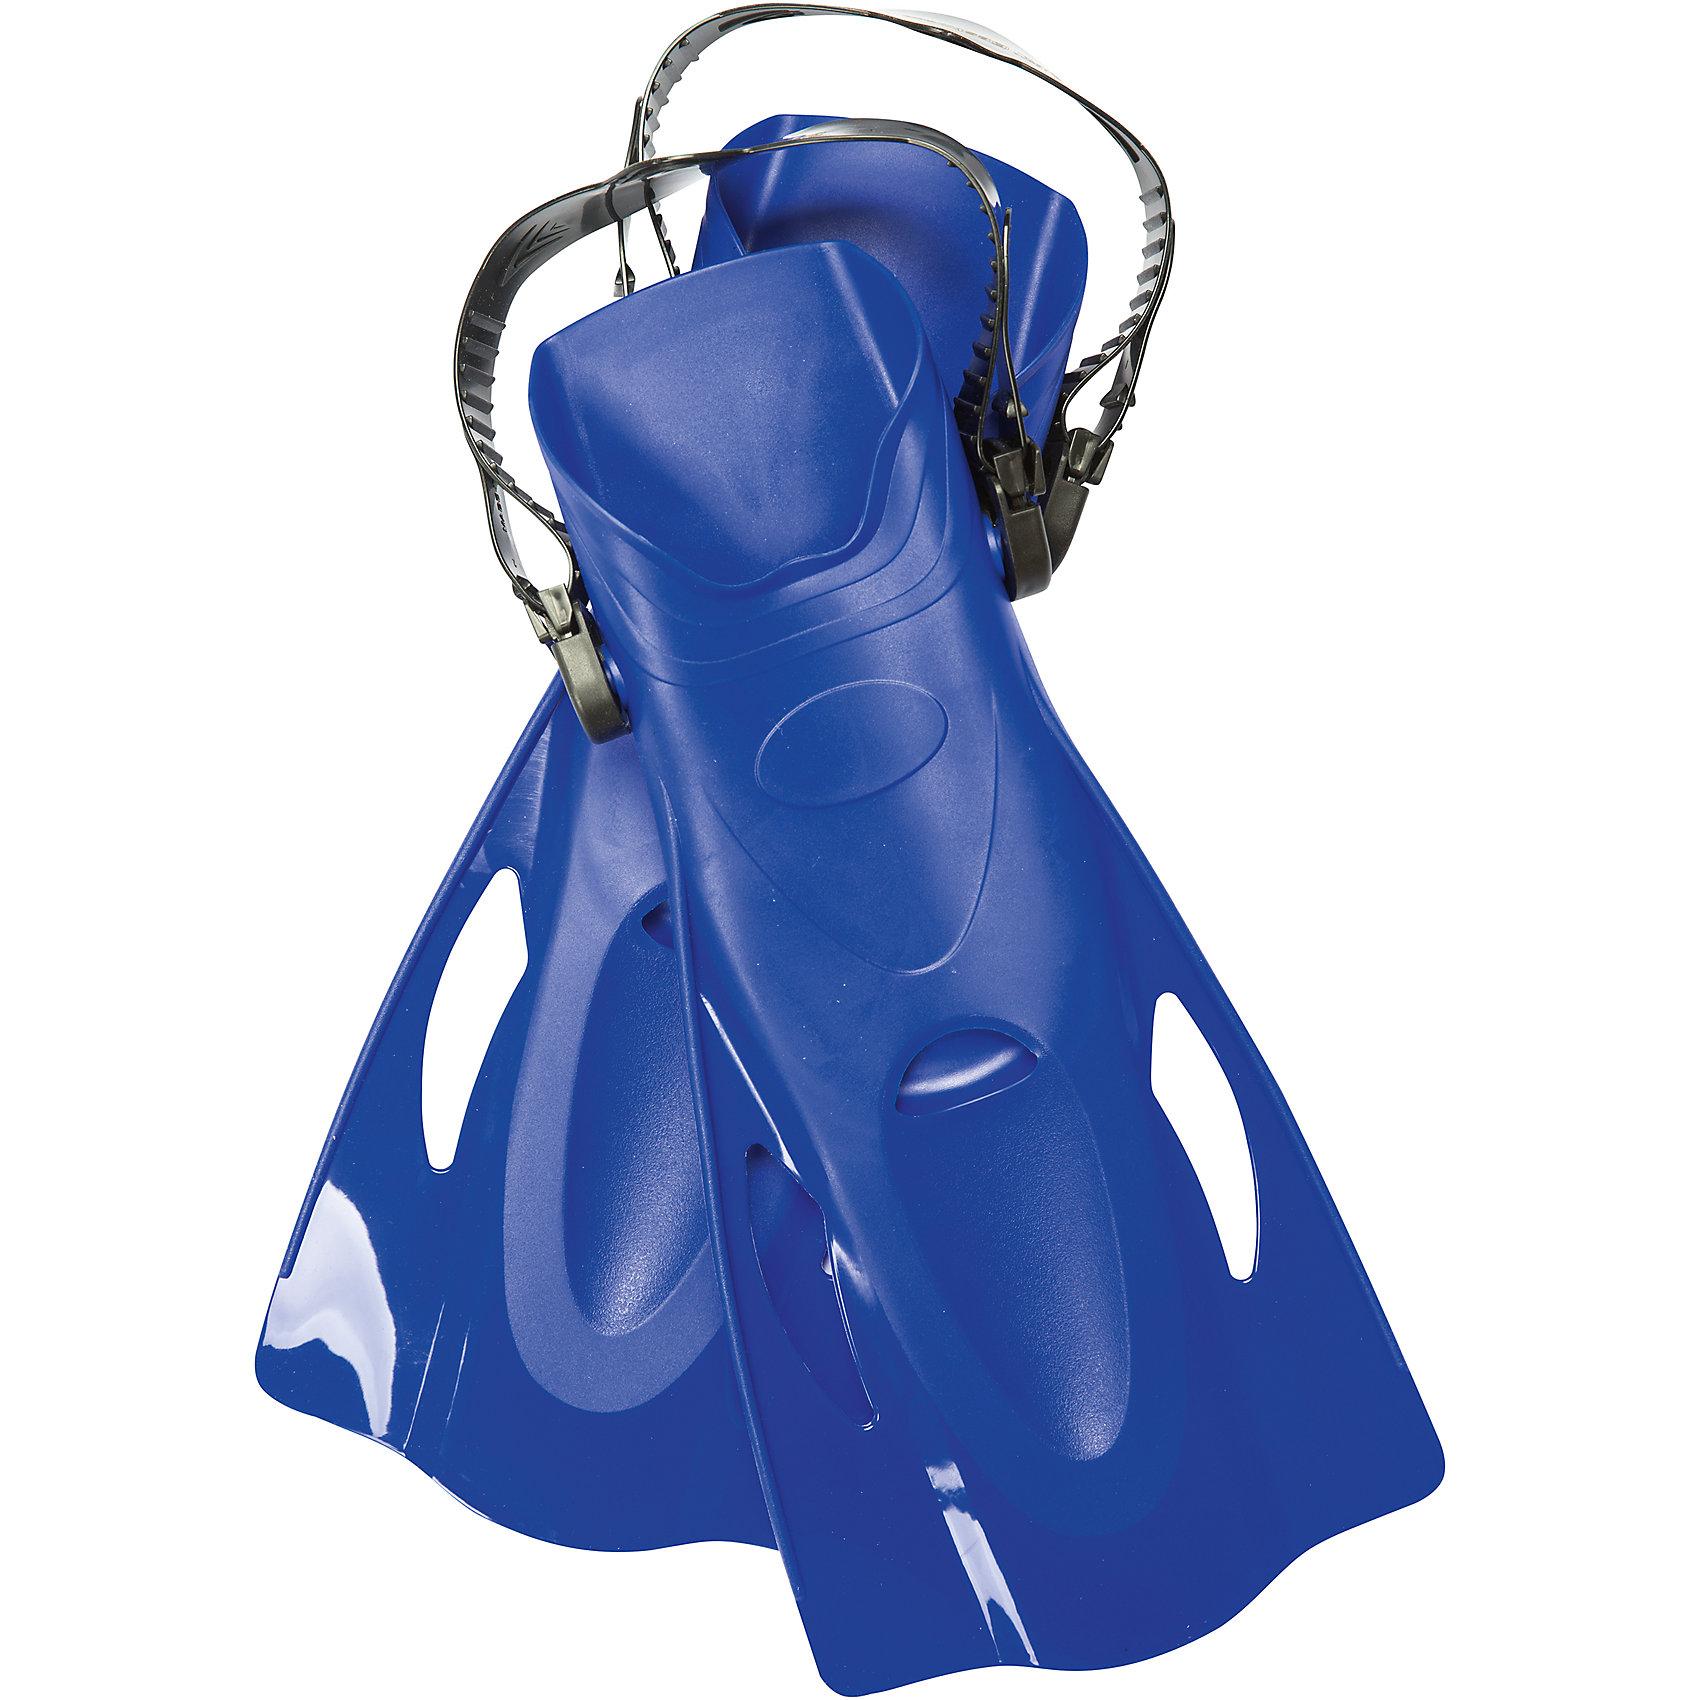 Ласты для плавания, р-р 37-41, голубые, BestwayЛасты для плавания, р-р 37-41, голубые, Bestway (Бествей)<br><br>Характеристики:<br><br>• регулируемый ремешок<br>• открытый носок<br>• гидродинамические ребра<br>• материал: пластик<br>• цвет: голубой<br>• размер: 37-41<br>• размер упаковки: 16х33х40 см<br>• вес: 461 грамма<br><br>Ласты - незаменимый аксессуар для начинающих дайверов. Ласты изготовлены из высококачественного пластика, который прослужит вам очень долго. Ласты помогут ребенку нырять на глубину и плавать, набирая скорость. Гидродинамические ребра и отверстия уменьшат боковое давление воды. Открытый носок препятствует скапливанию воды внутри. Ремешок регулируется до необходимого размера. Пятка открыта для удобства ребенка.<br><br>Ласты для плавания, р-р 34-37, голубые, Bestway (Бествей) можно купить в нашем интернет-магазине.<br><br>Ширина мм: 400<br>Глубина мм: 330<br>Высота мм: 160<br>Вес г: 461<br>Возраст от месяцев: 84<br>Возраст до месяцев: 2147483647<br>Пол: Мужской<br>Возраст: Детский<br>SKU: 5486873